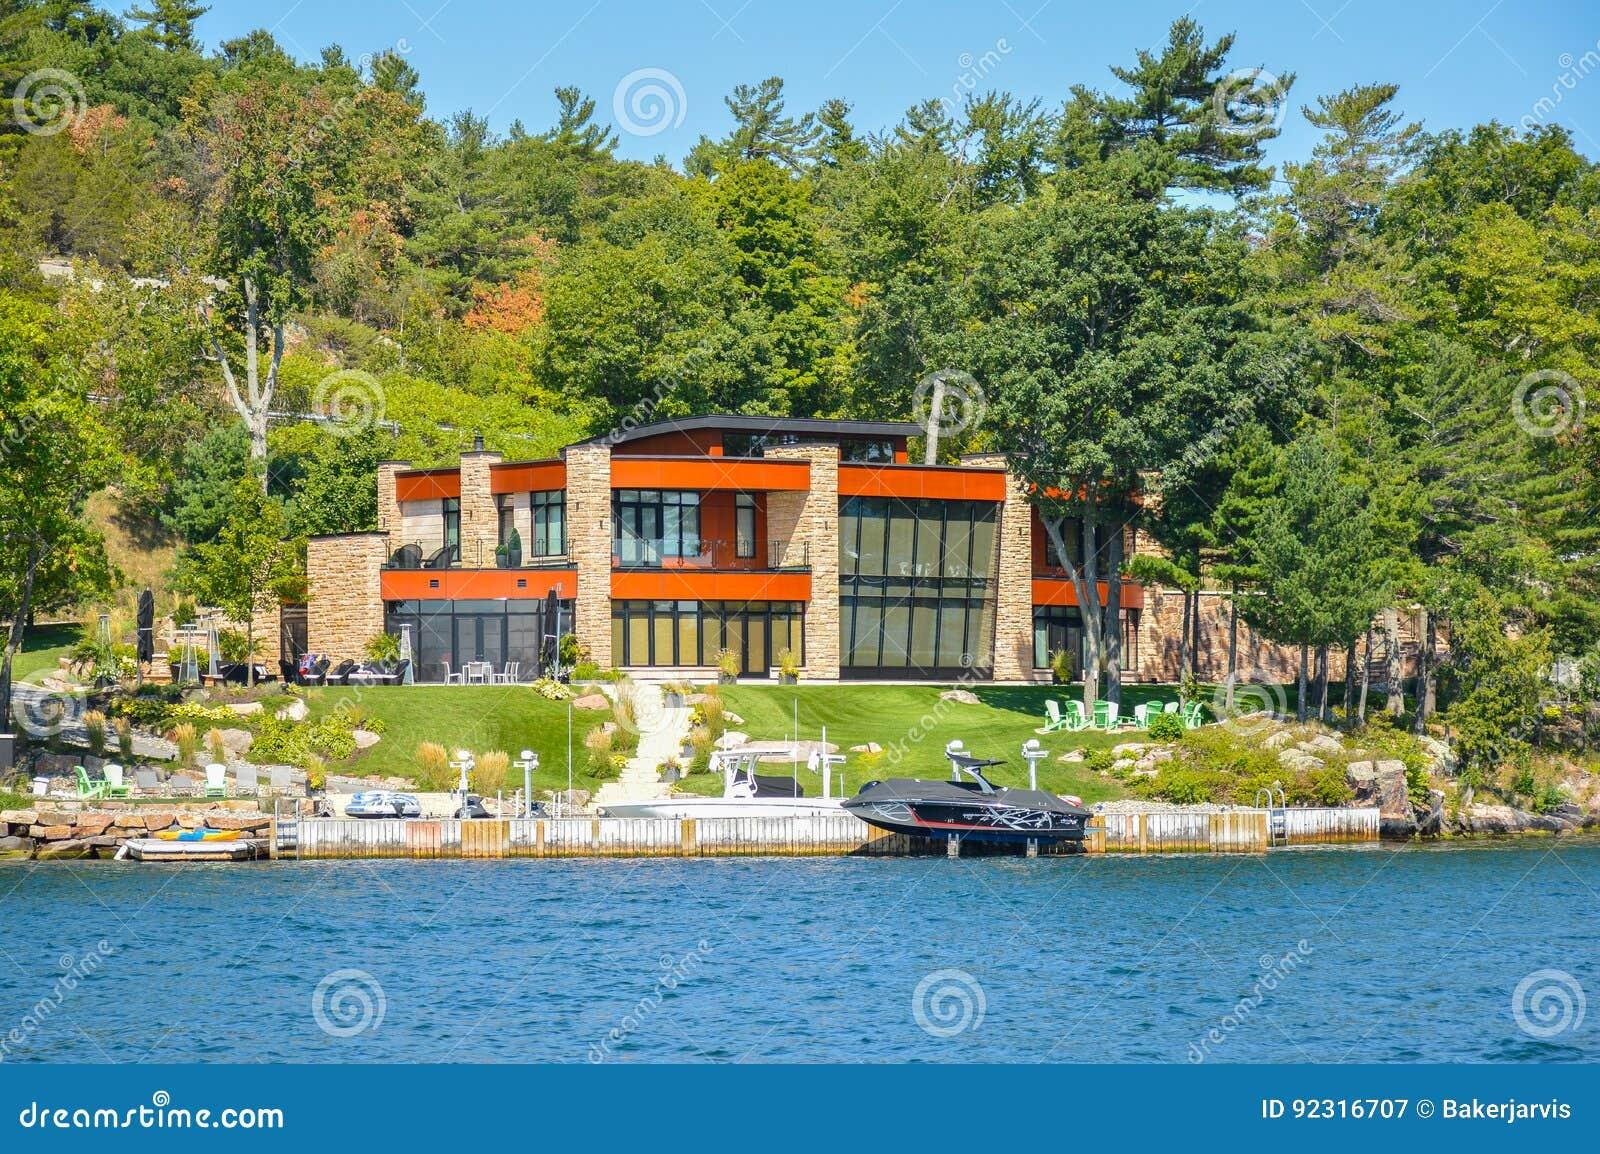 Kingston, Canada   3 Septembre 2016 : Une Maison Moderne 1000 îles Et à  Kingston Dans Ontario, Canada